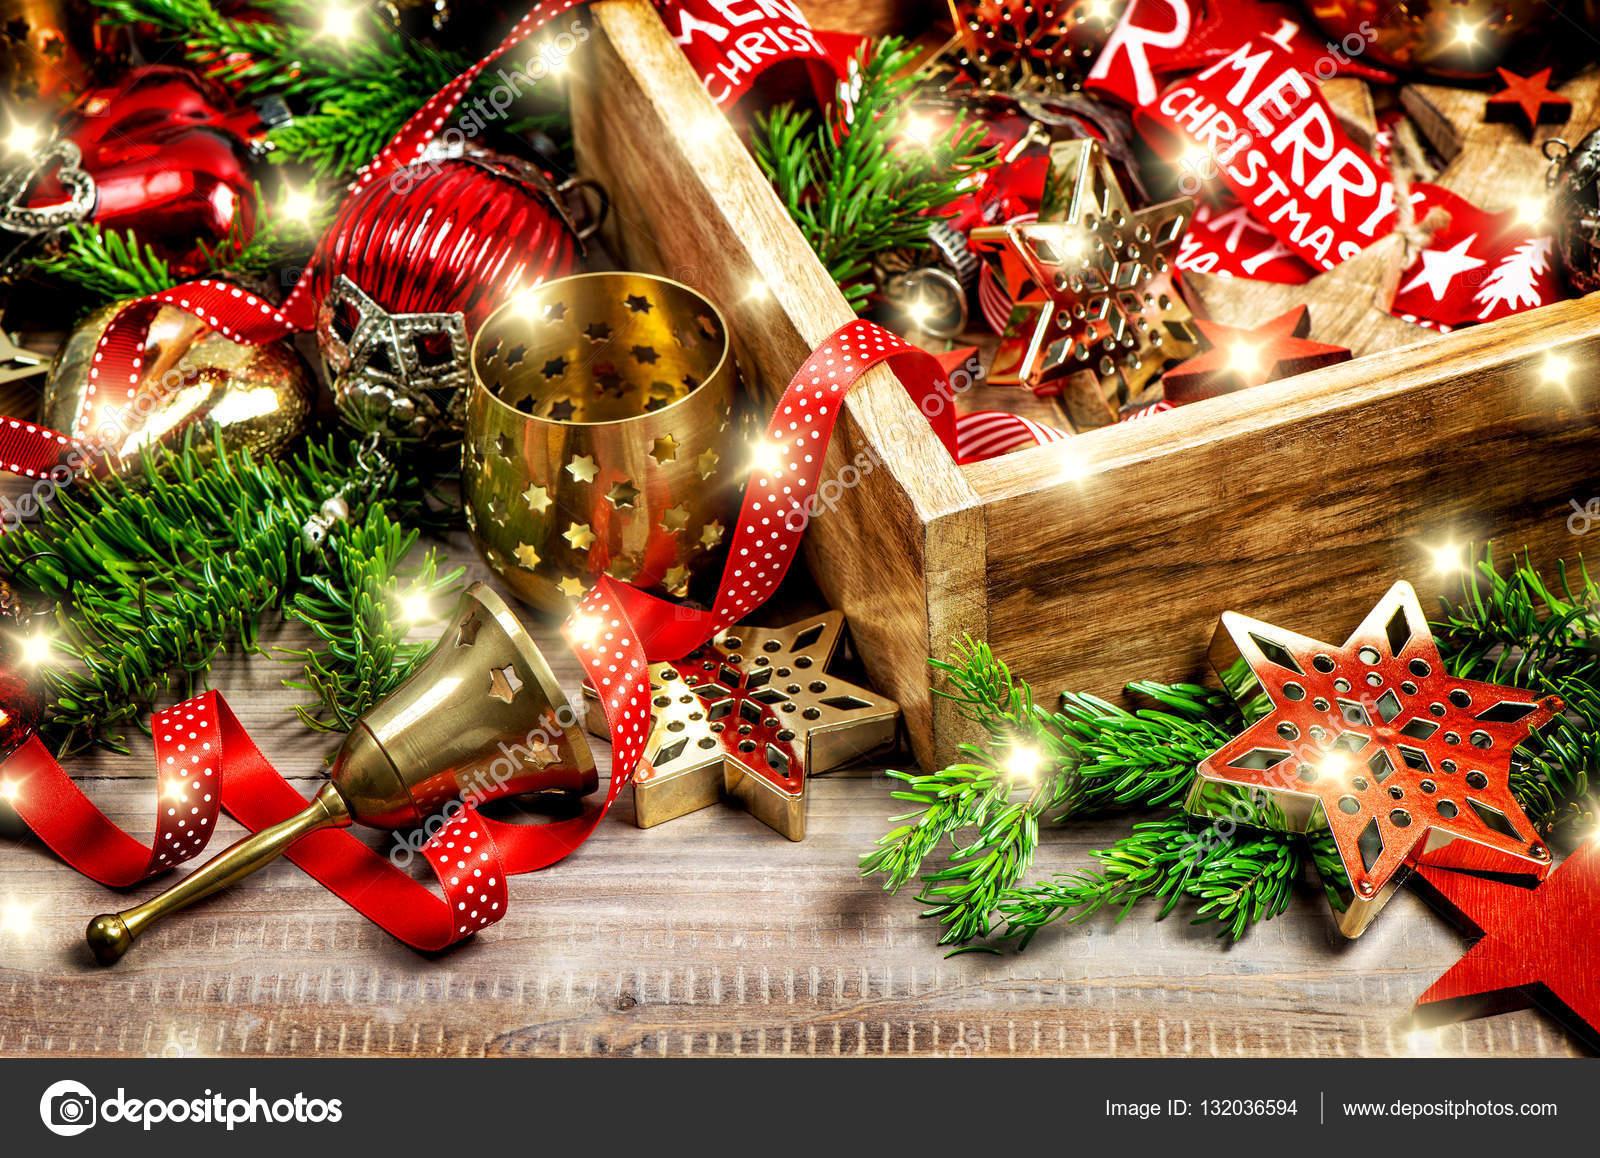 kerst verlichting decoratie ornamenten vintage stockfoto